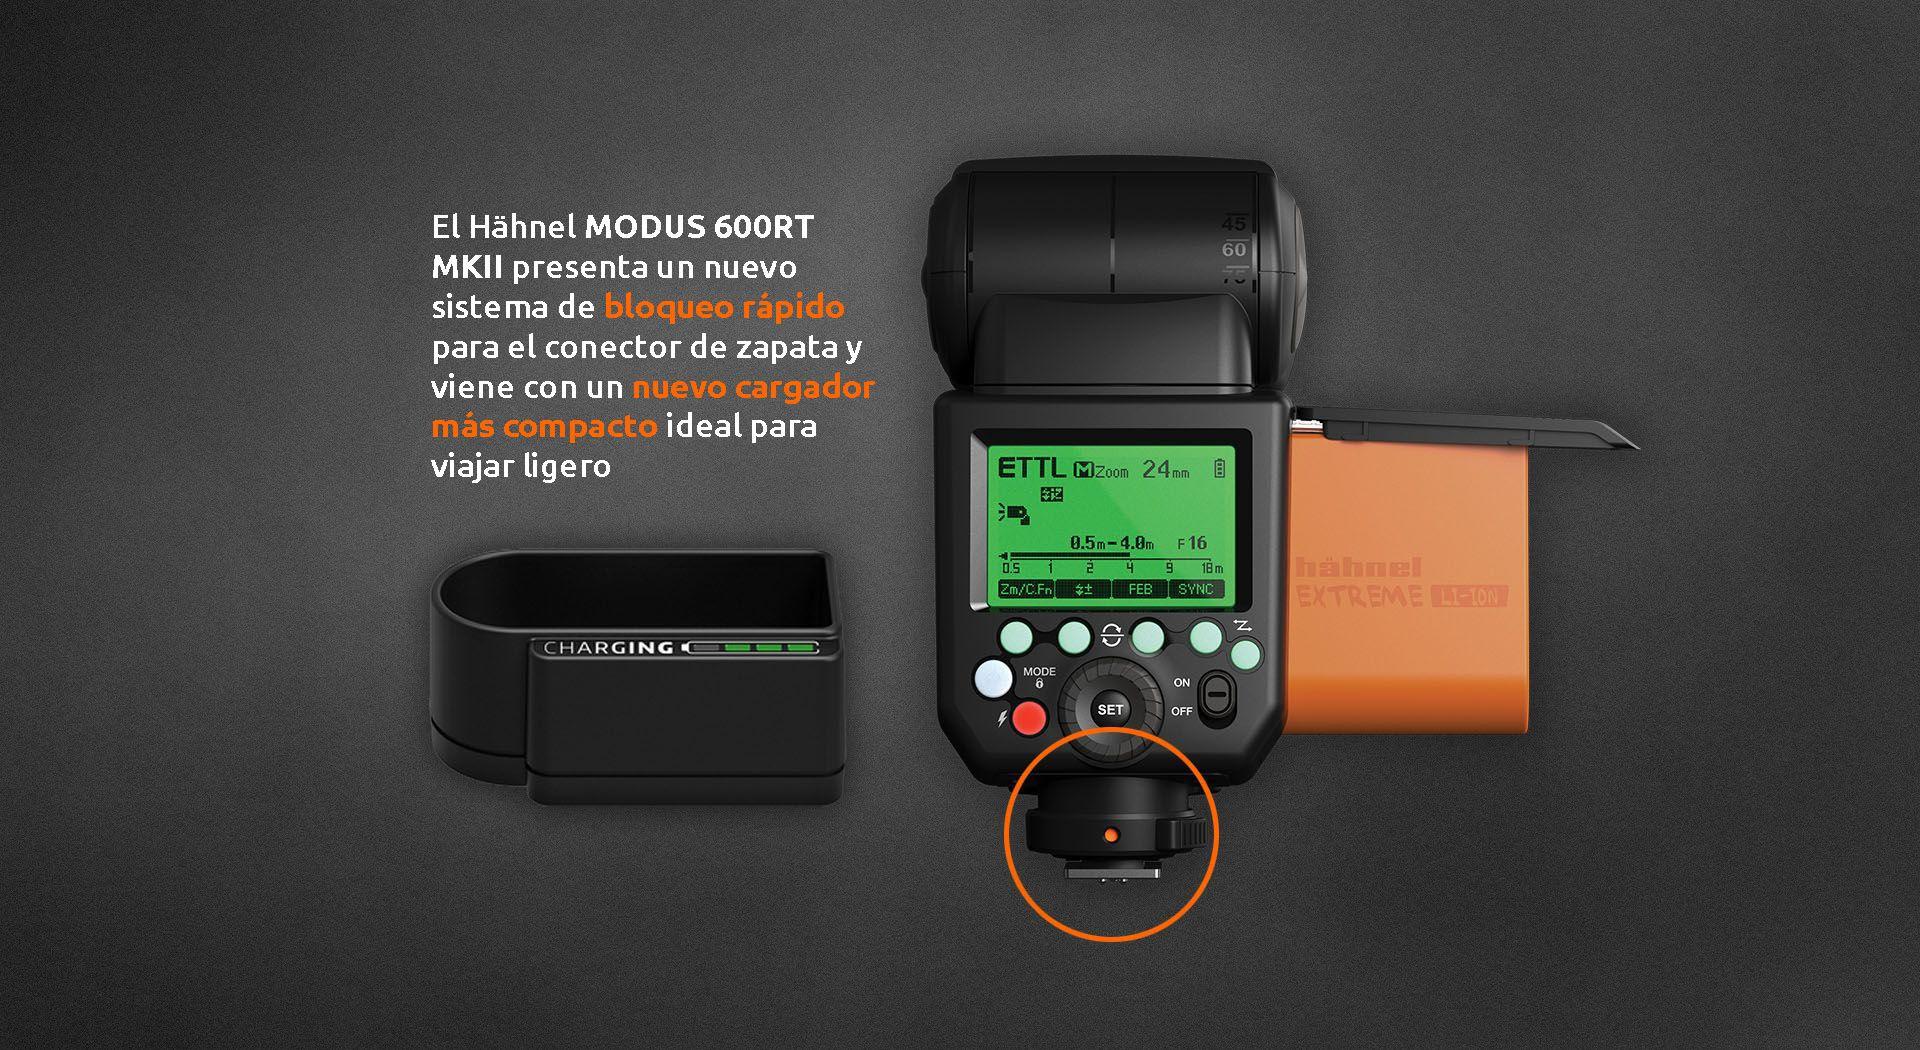 MODUS 600RT MKII NUEVO - Hähnel Modus 600RT MKII